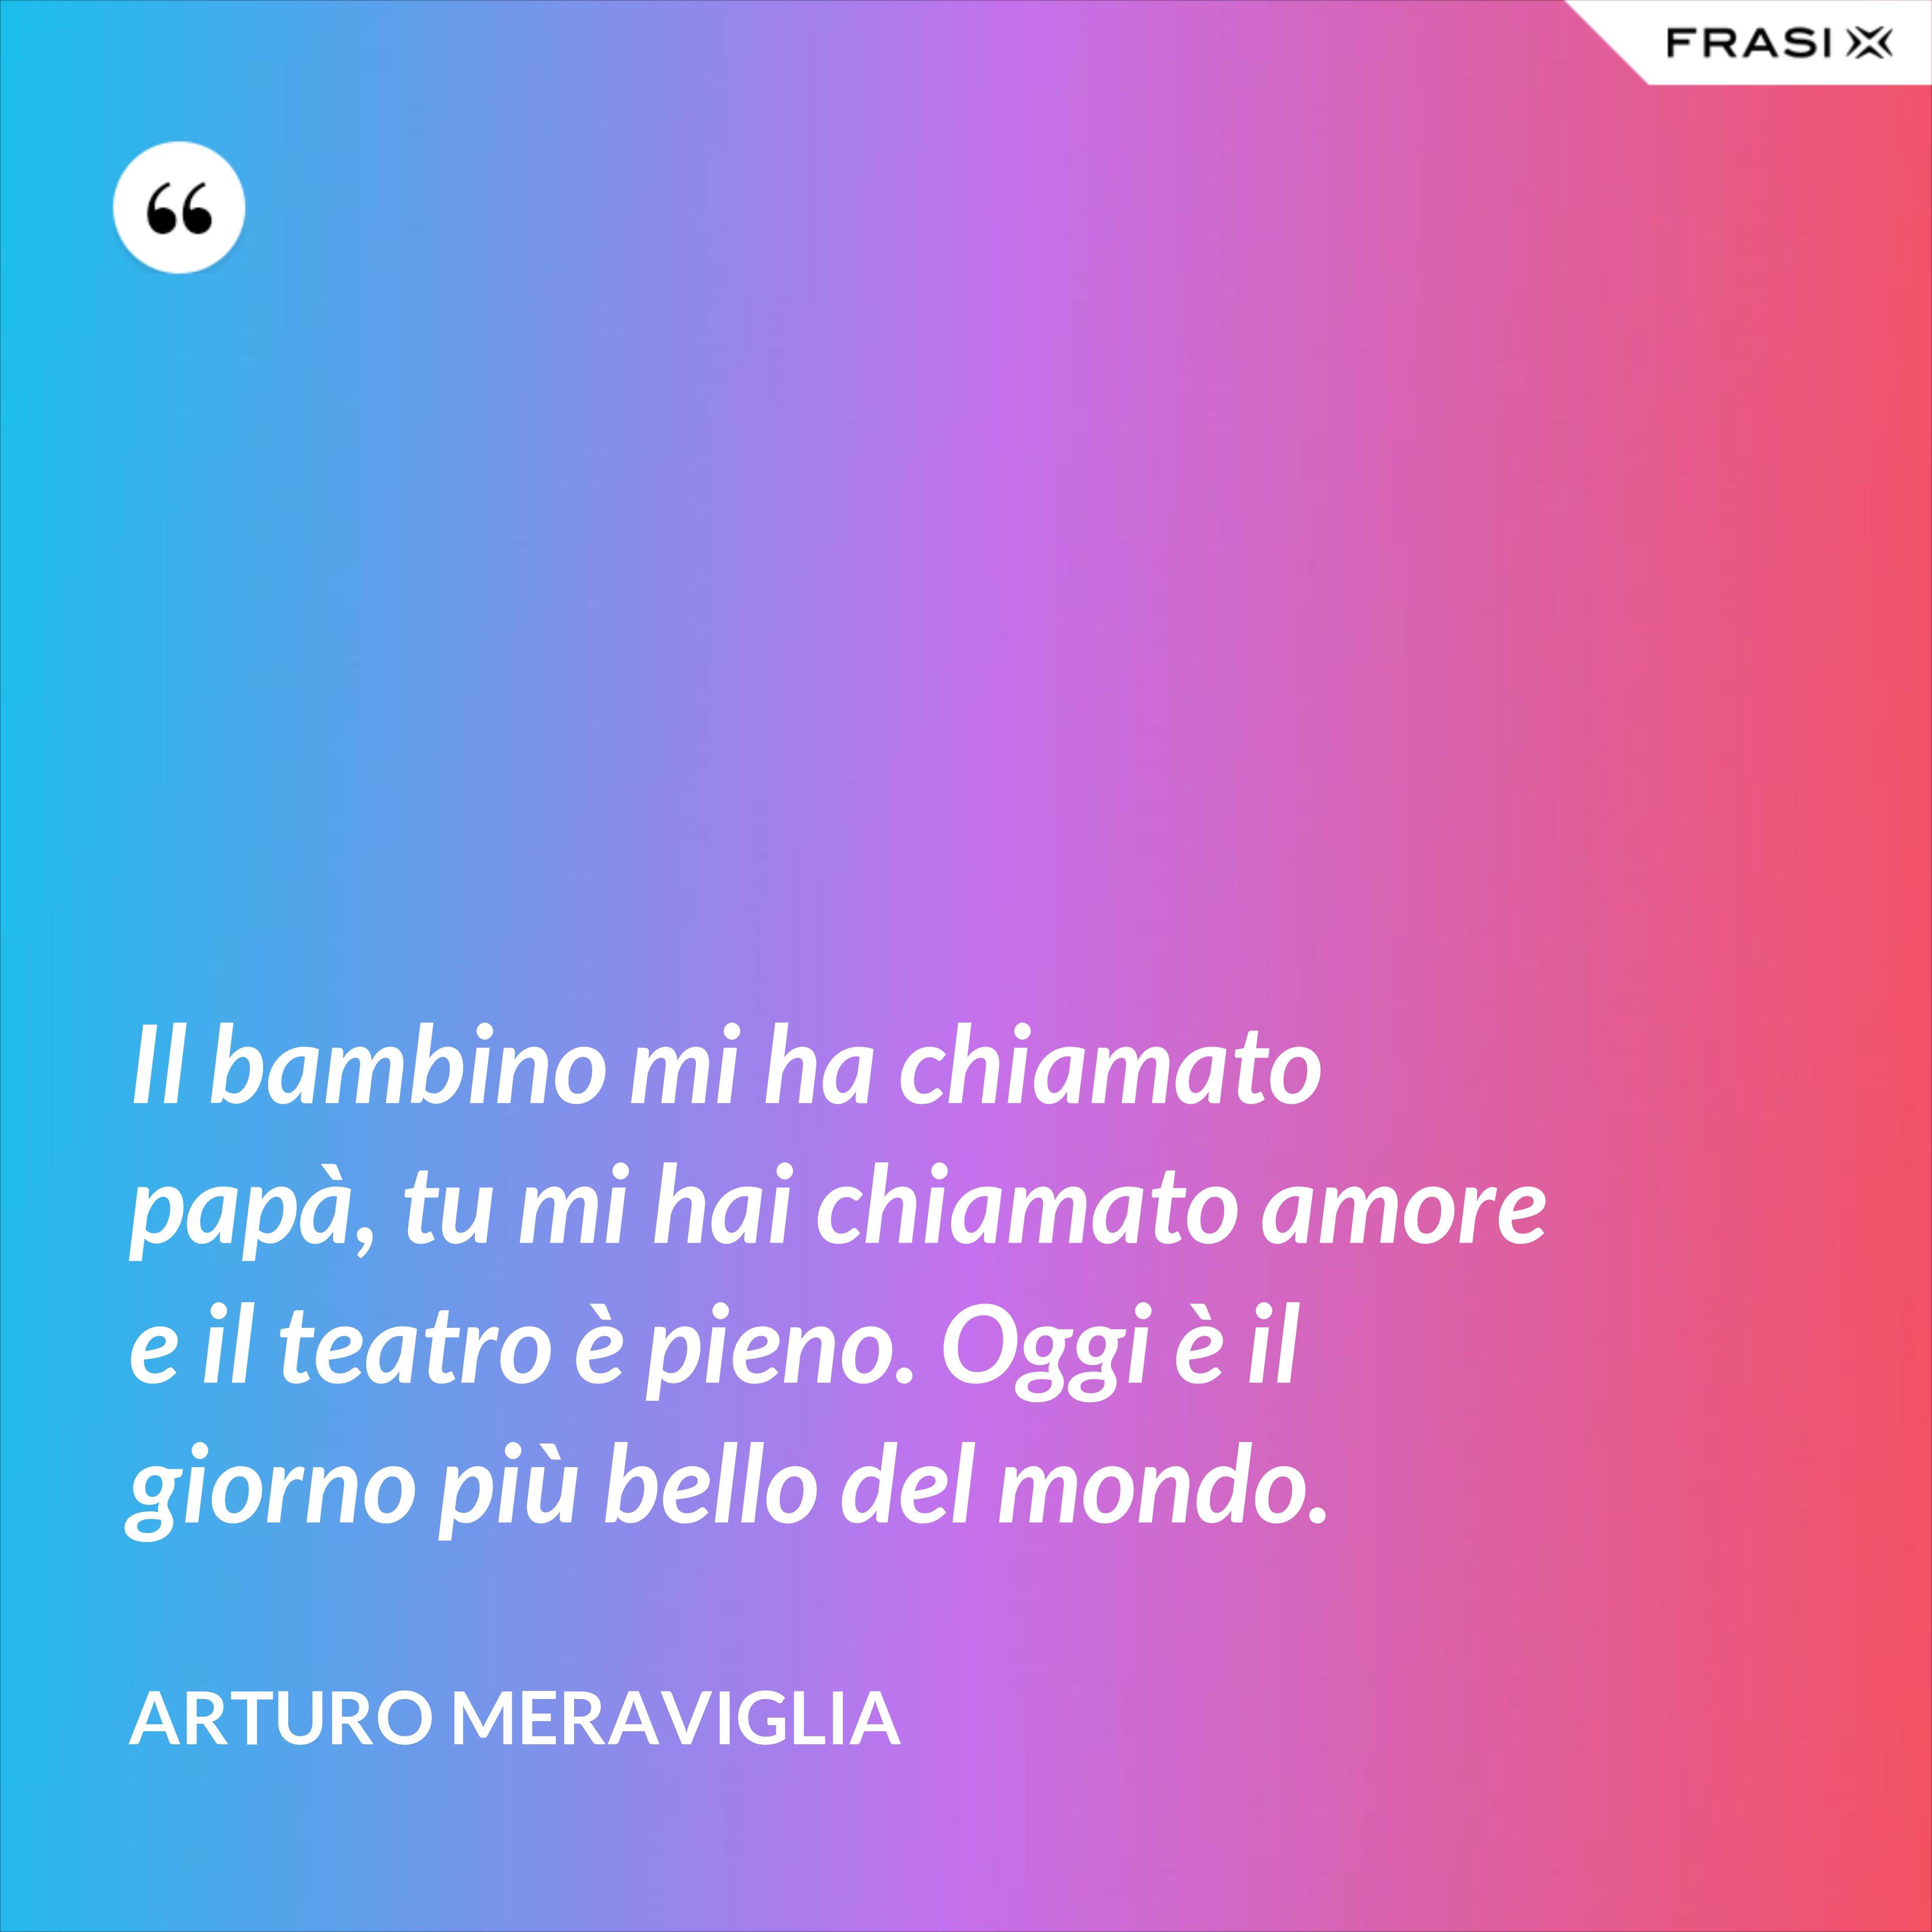 Il bambino mi ha chiamato papà, tu mi hai chiamato amore e il teatro è pieno. Oggi è il giorno più bello del mondo. - Arturo Meraviglia